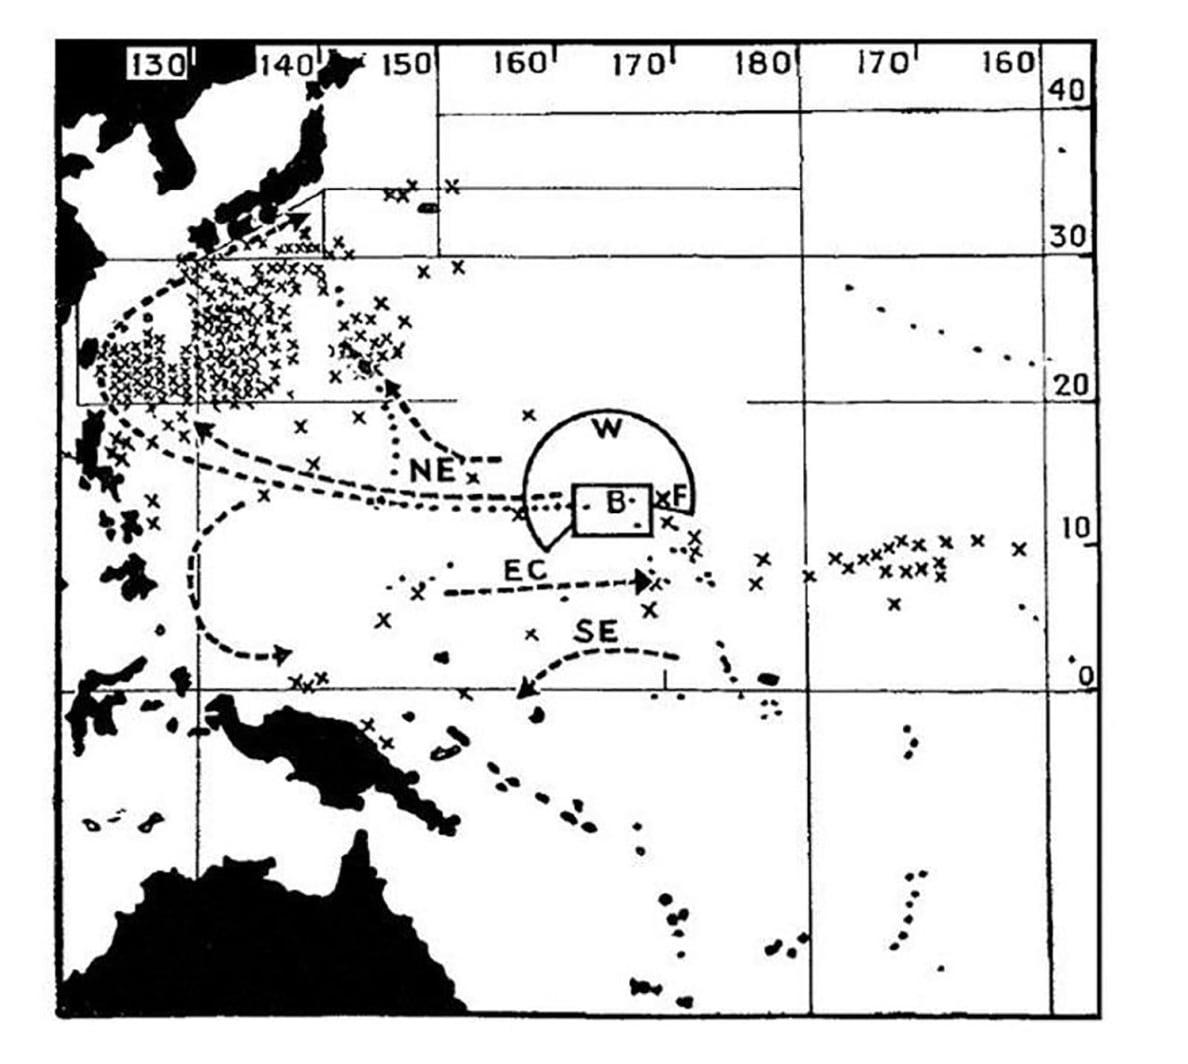 آزمایش هستهای ۱۰۰۰ برابر قدرتمندتر از هیروشیما / آمریکا چه بلایی سر ساکنان جزایرمارشال آورد؟ + تصاویر